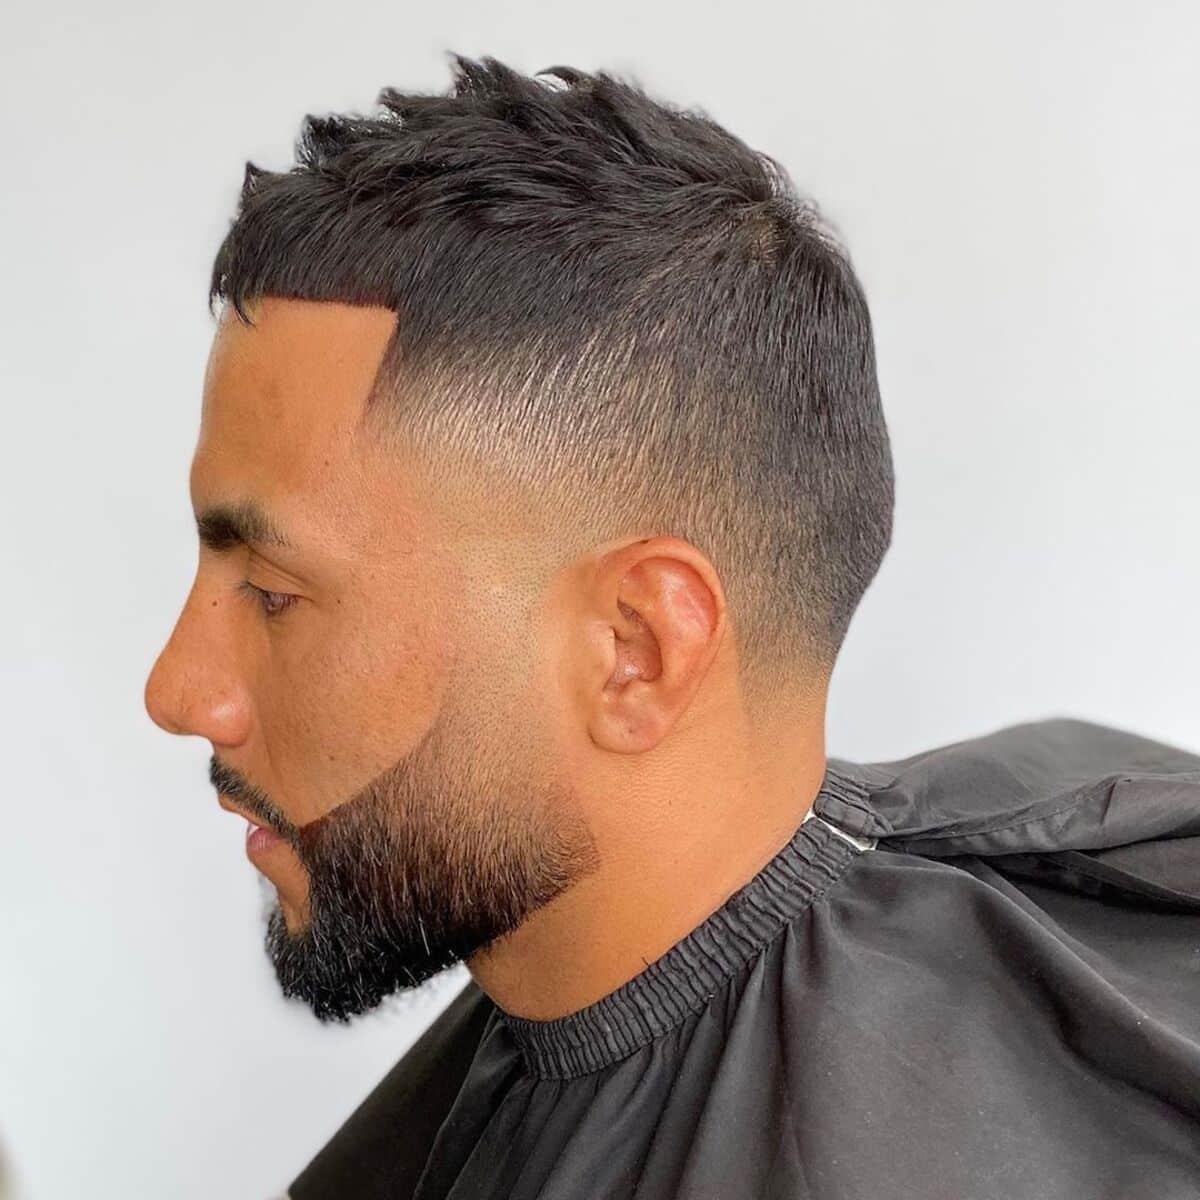 Corte de barba corta